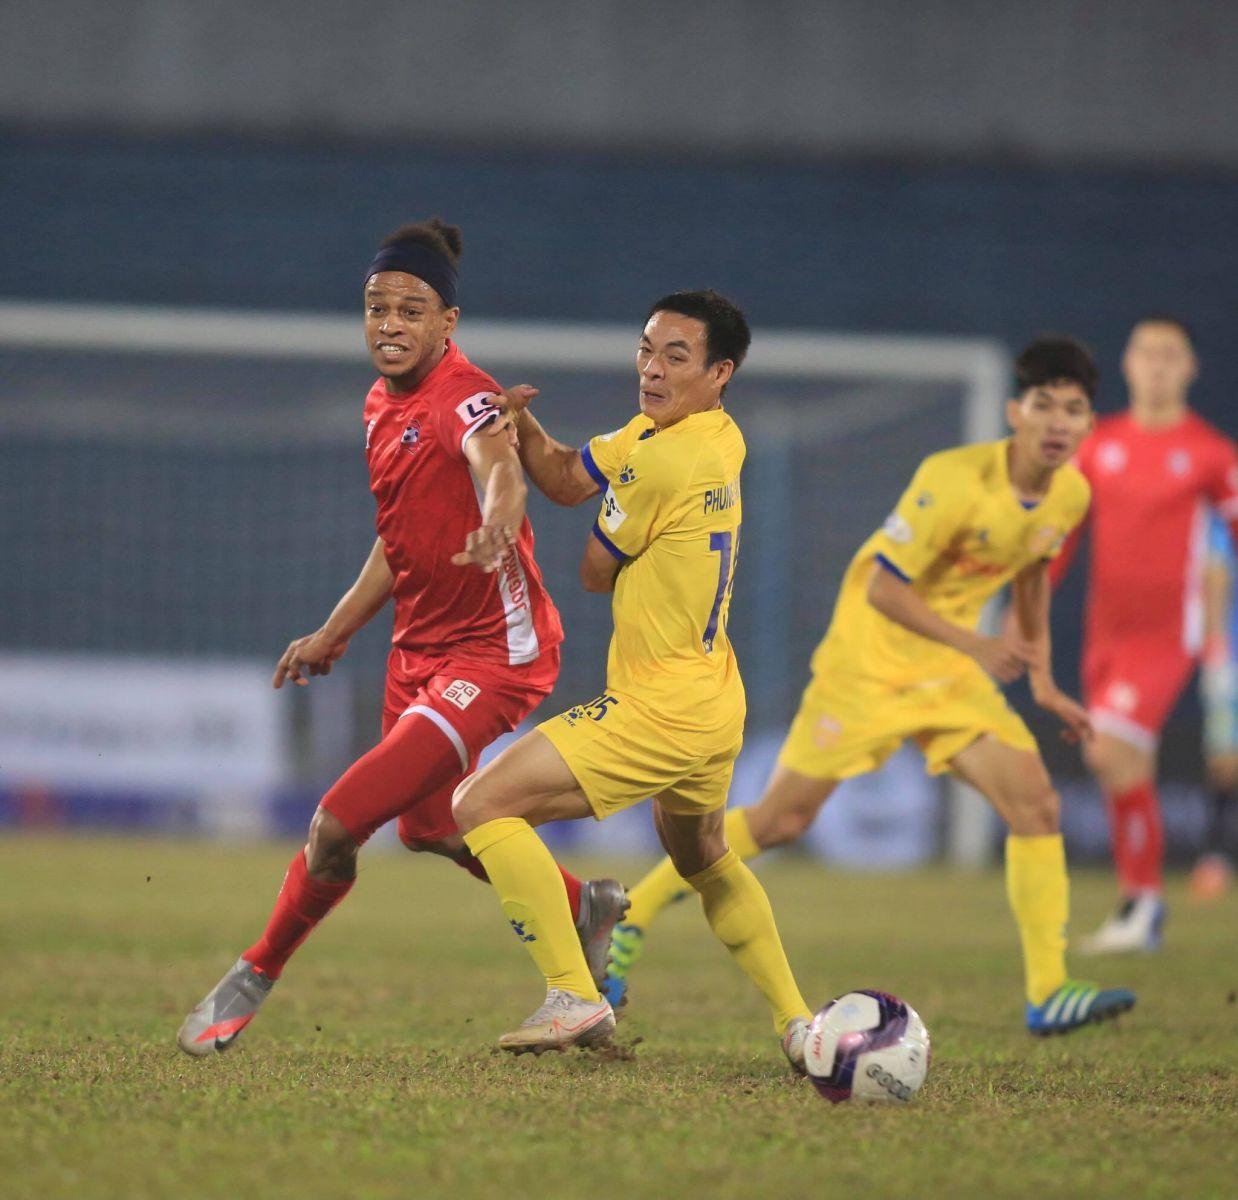 Hải Phòng tiếp tục thể hiện phong độ ấn tượng bằng chiến thắng trước Nam Định